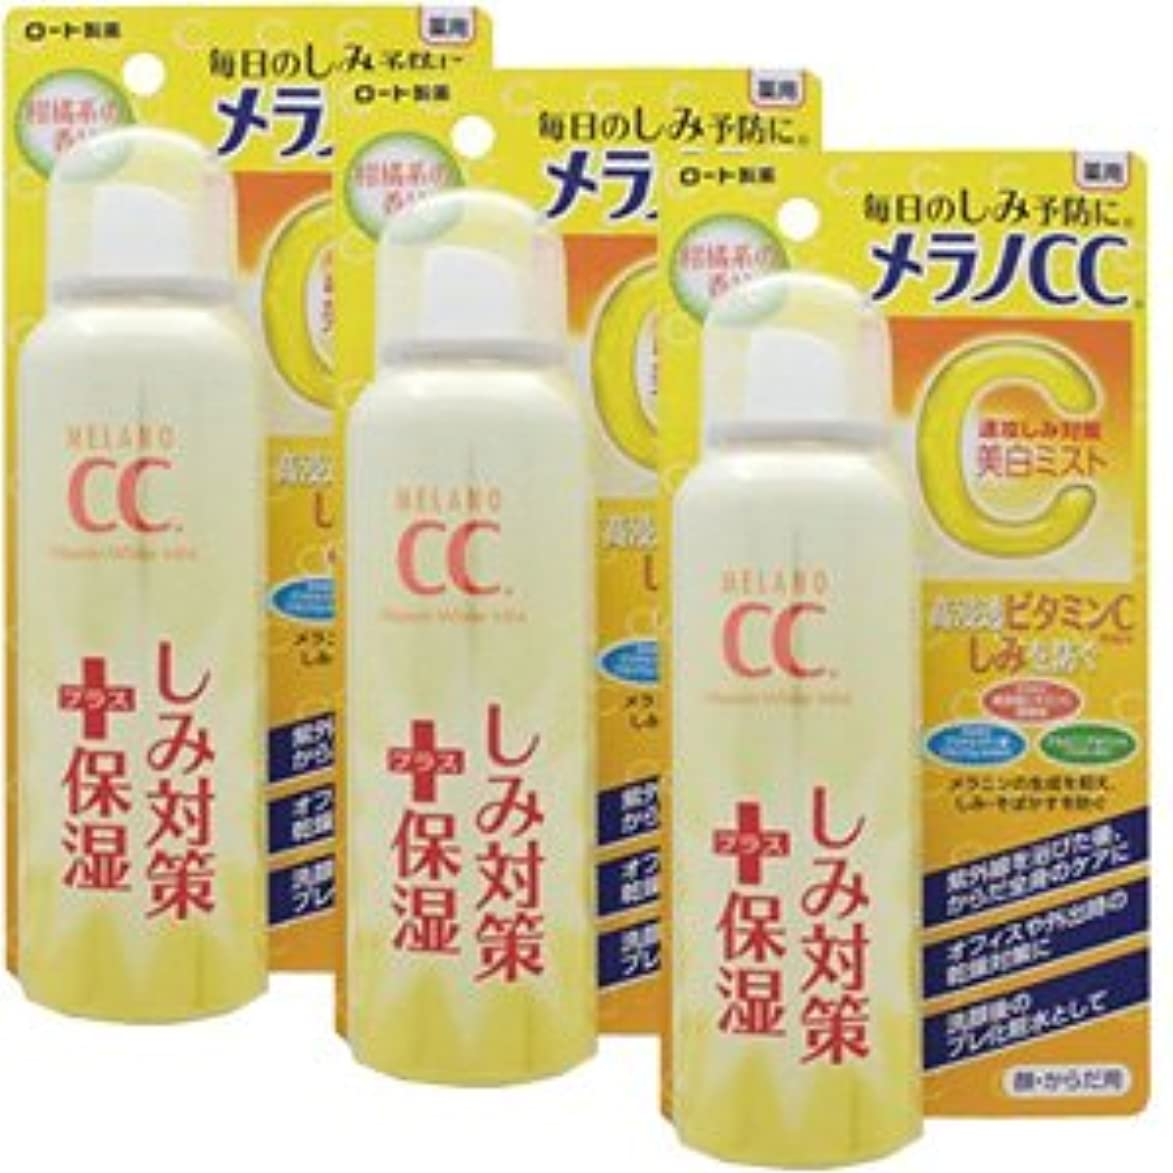 残る高価なおばさん【3個】メラノCC 薬用しみ対策美白ミスト化粧水 100gx3個